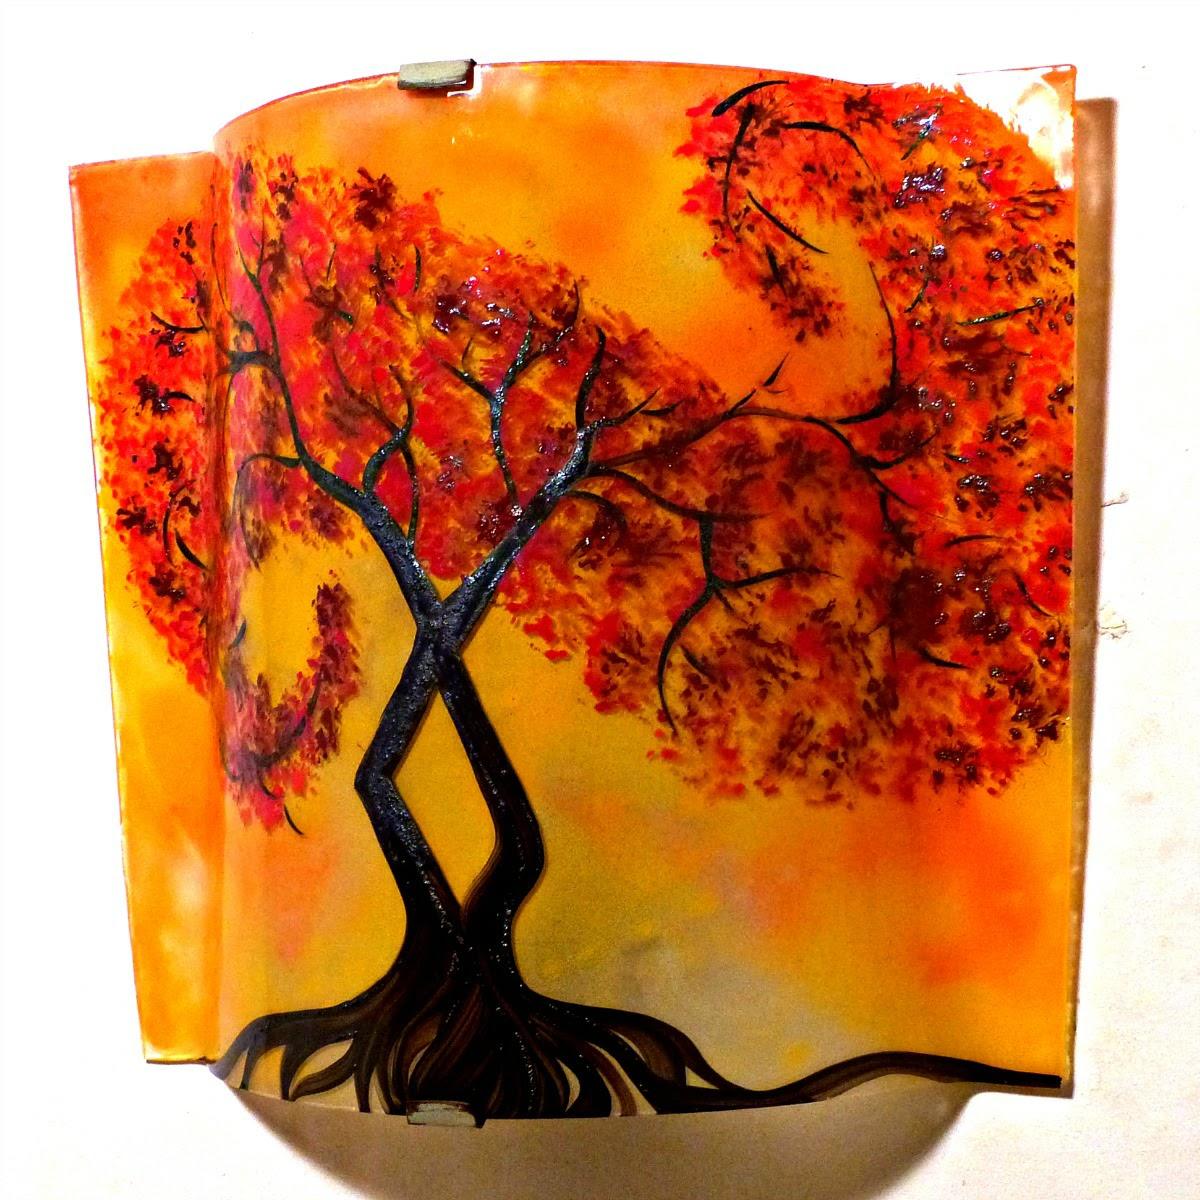 Luminaire applique murale jaune orange motif l arbre a volute rouge couleur personnalisable 5